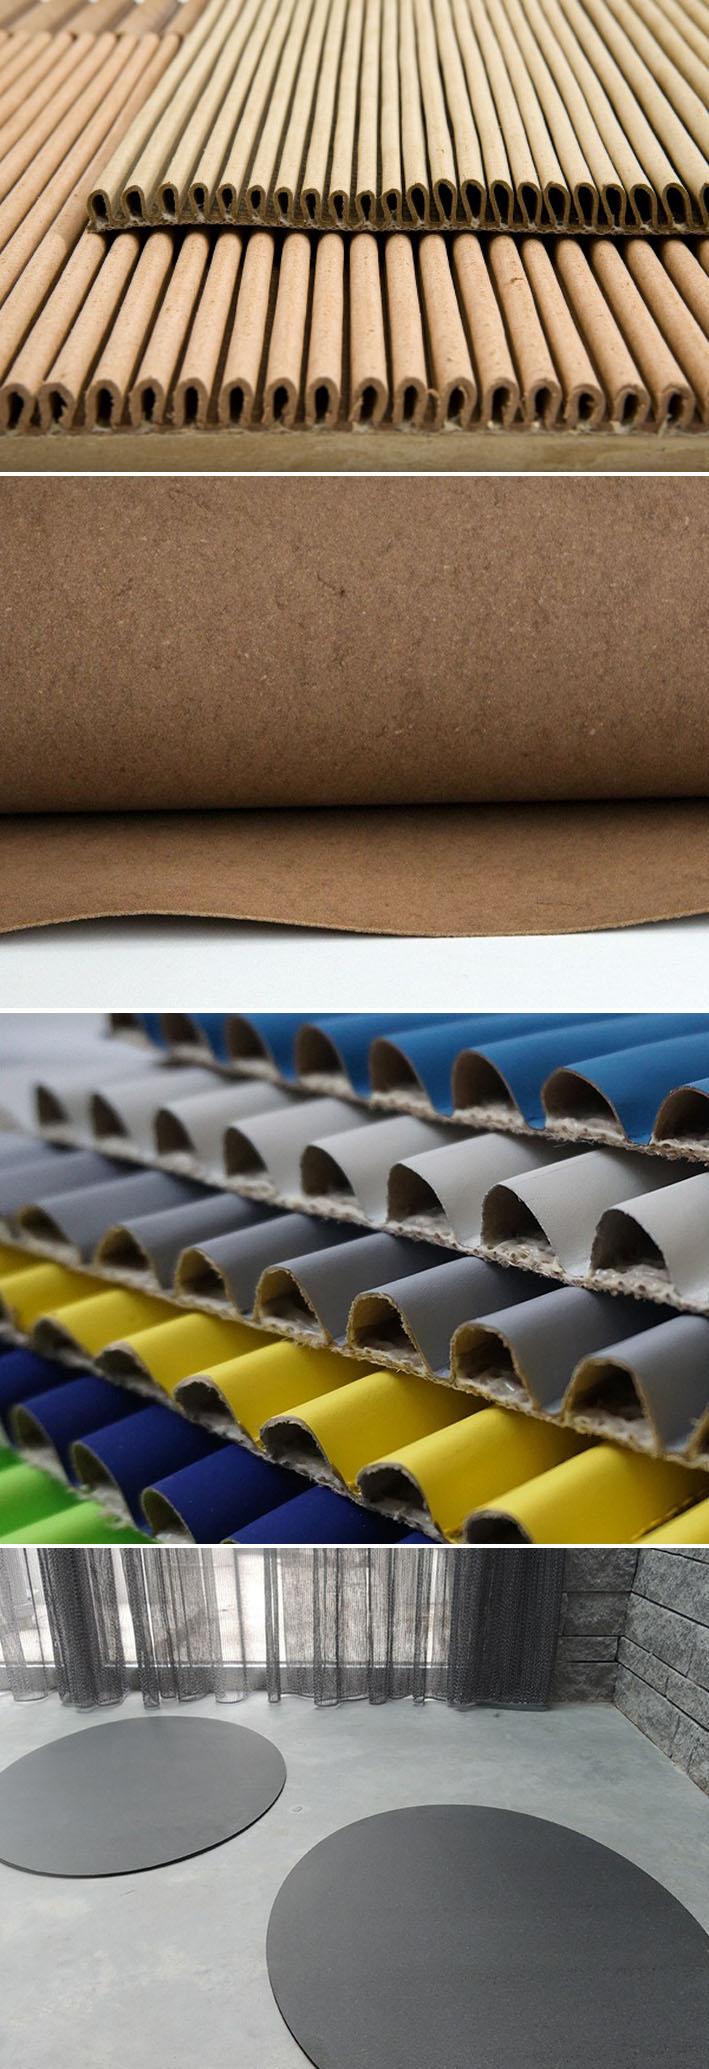 Buxkin é um material flexível feito de couro reciclado para paredes, pisos, painéis e móveis stylo urbano